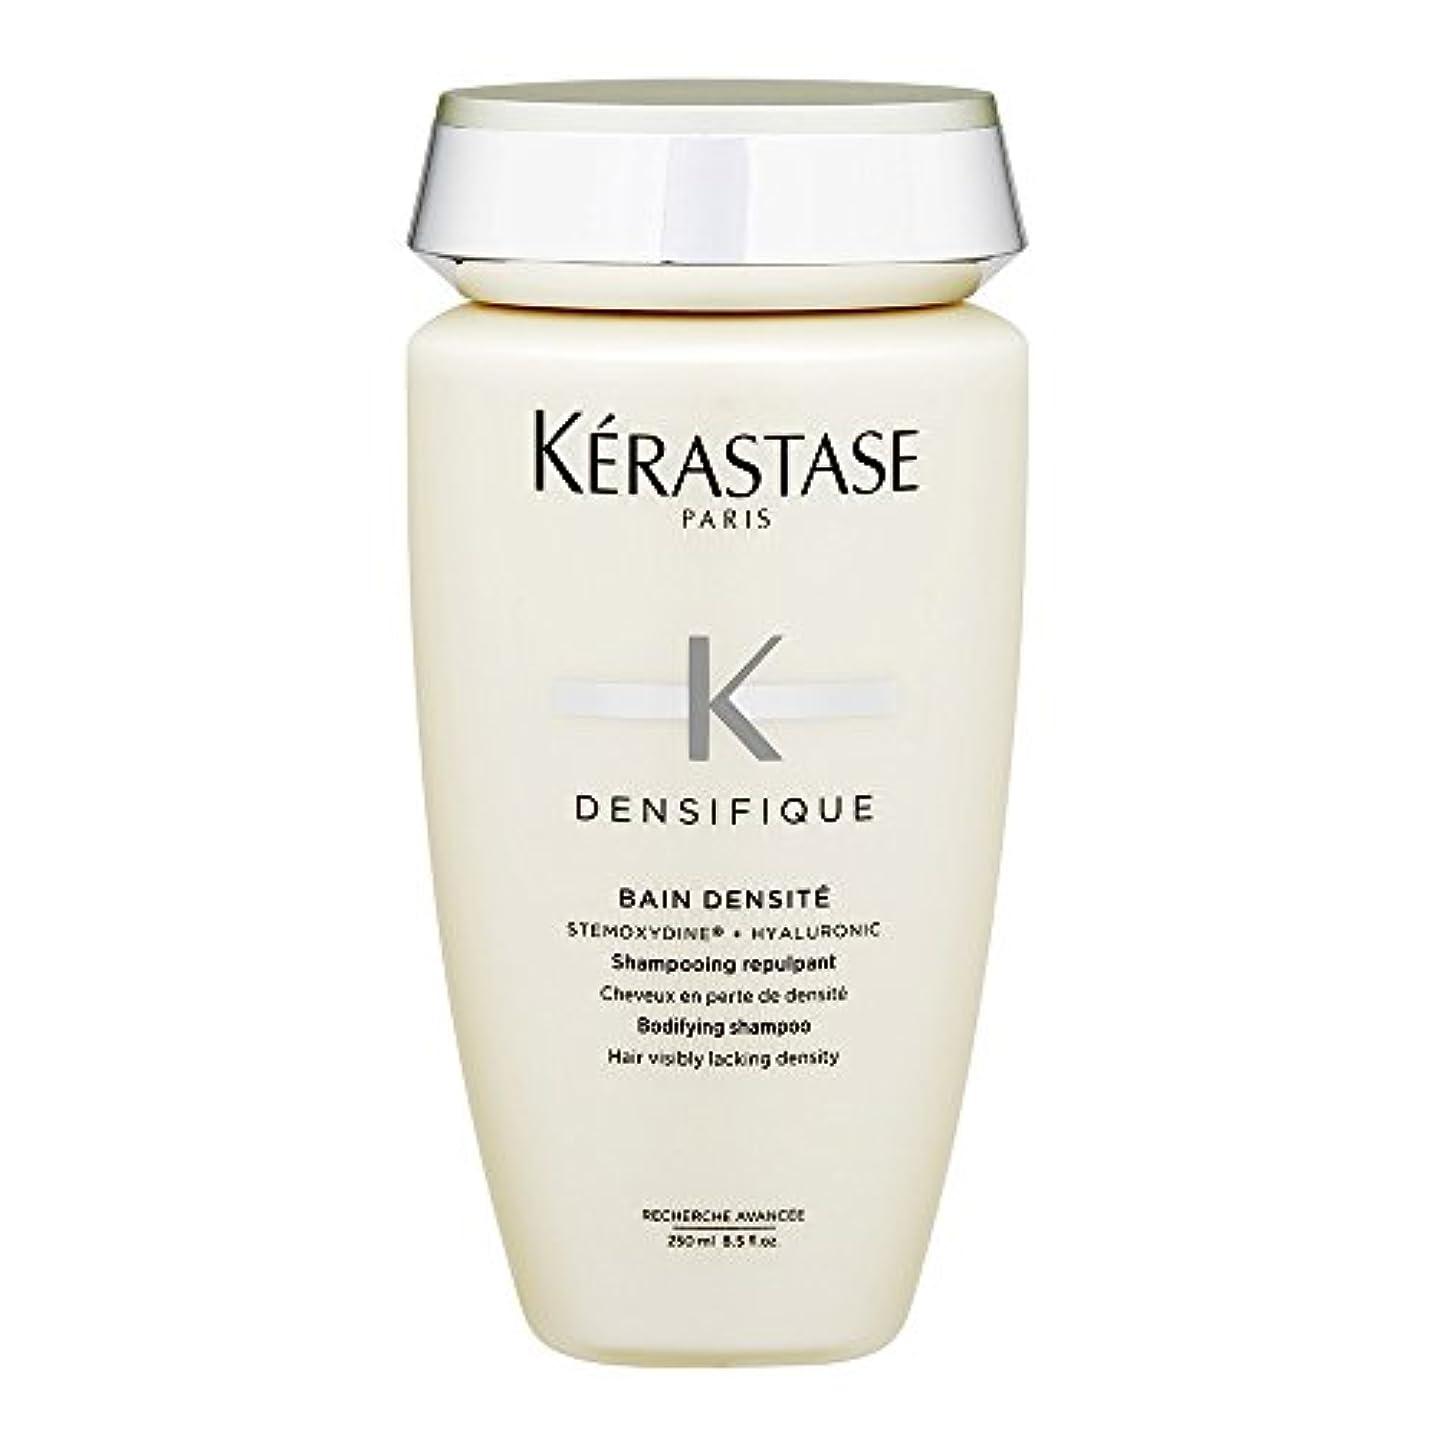 合併症ドロー発音するケラスターゼ(KERASTASE) DS バン デンシフィック 250ml [並行輸入品]